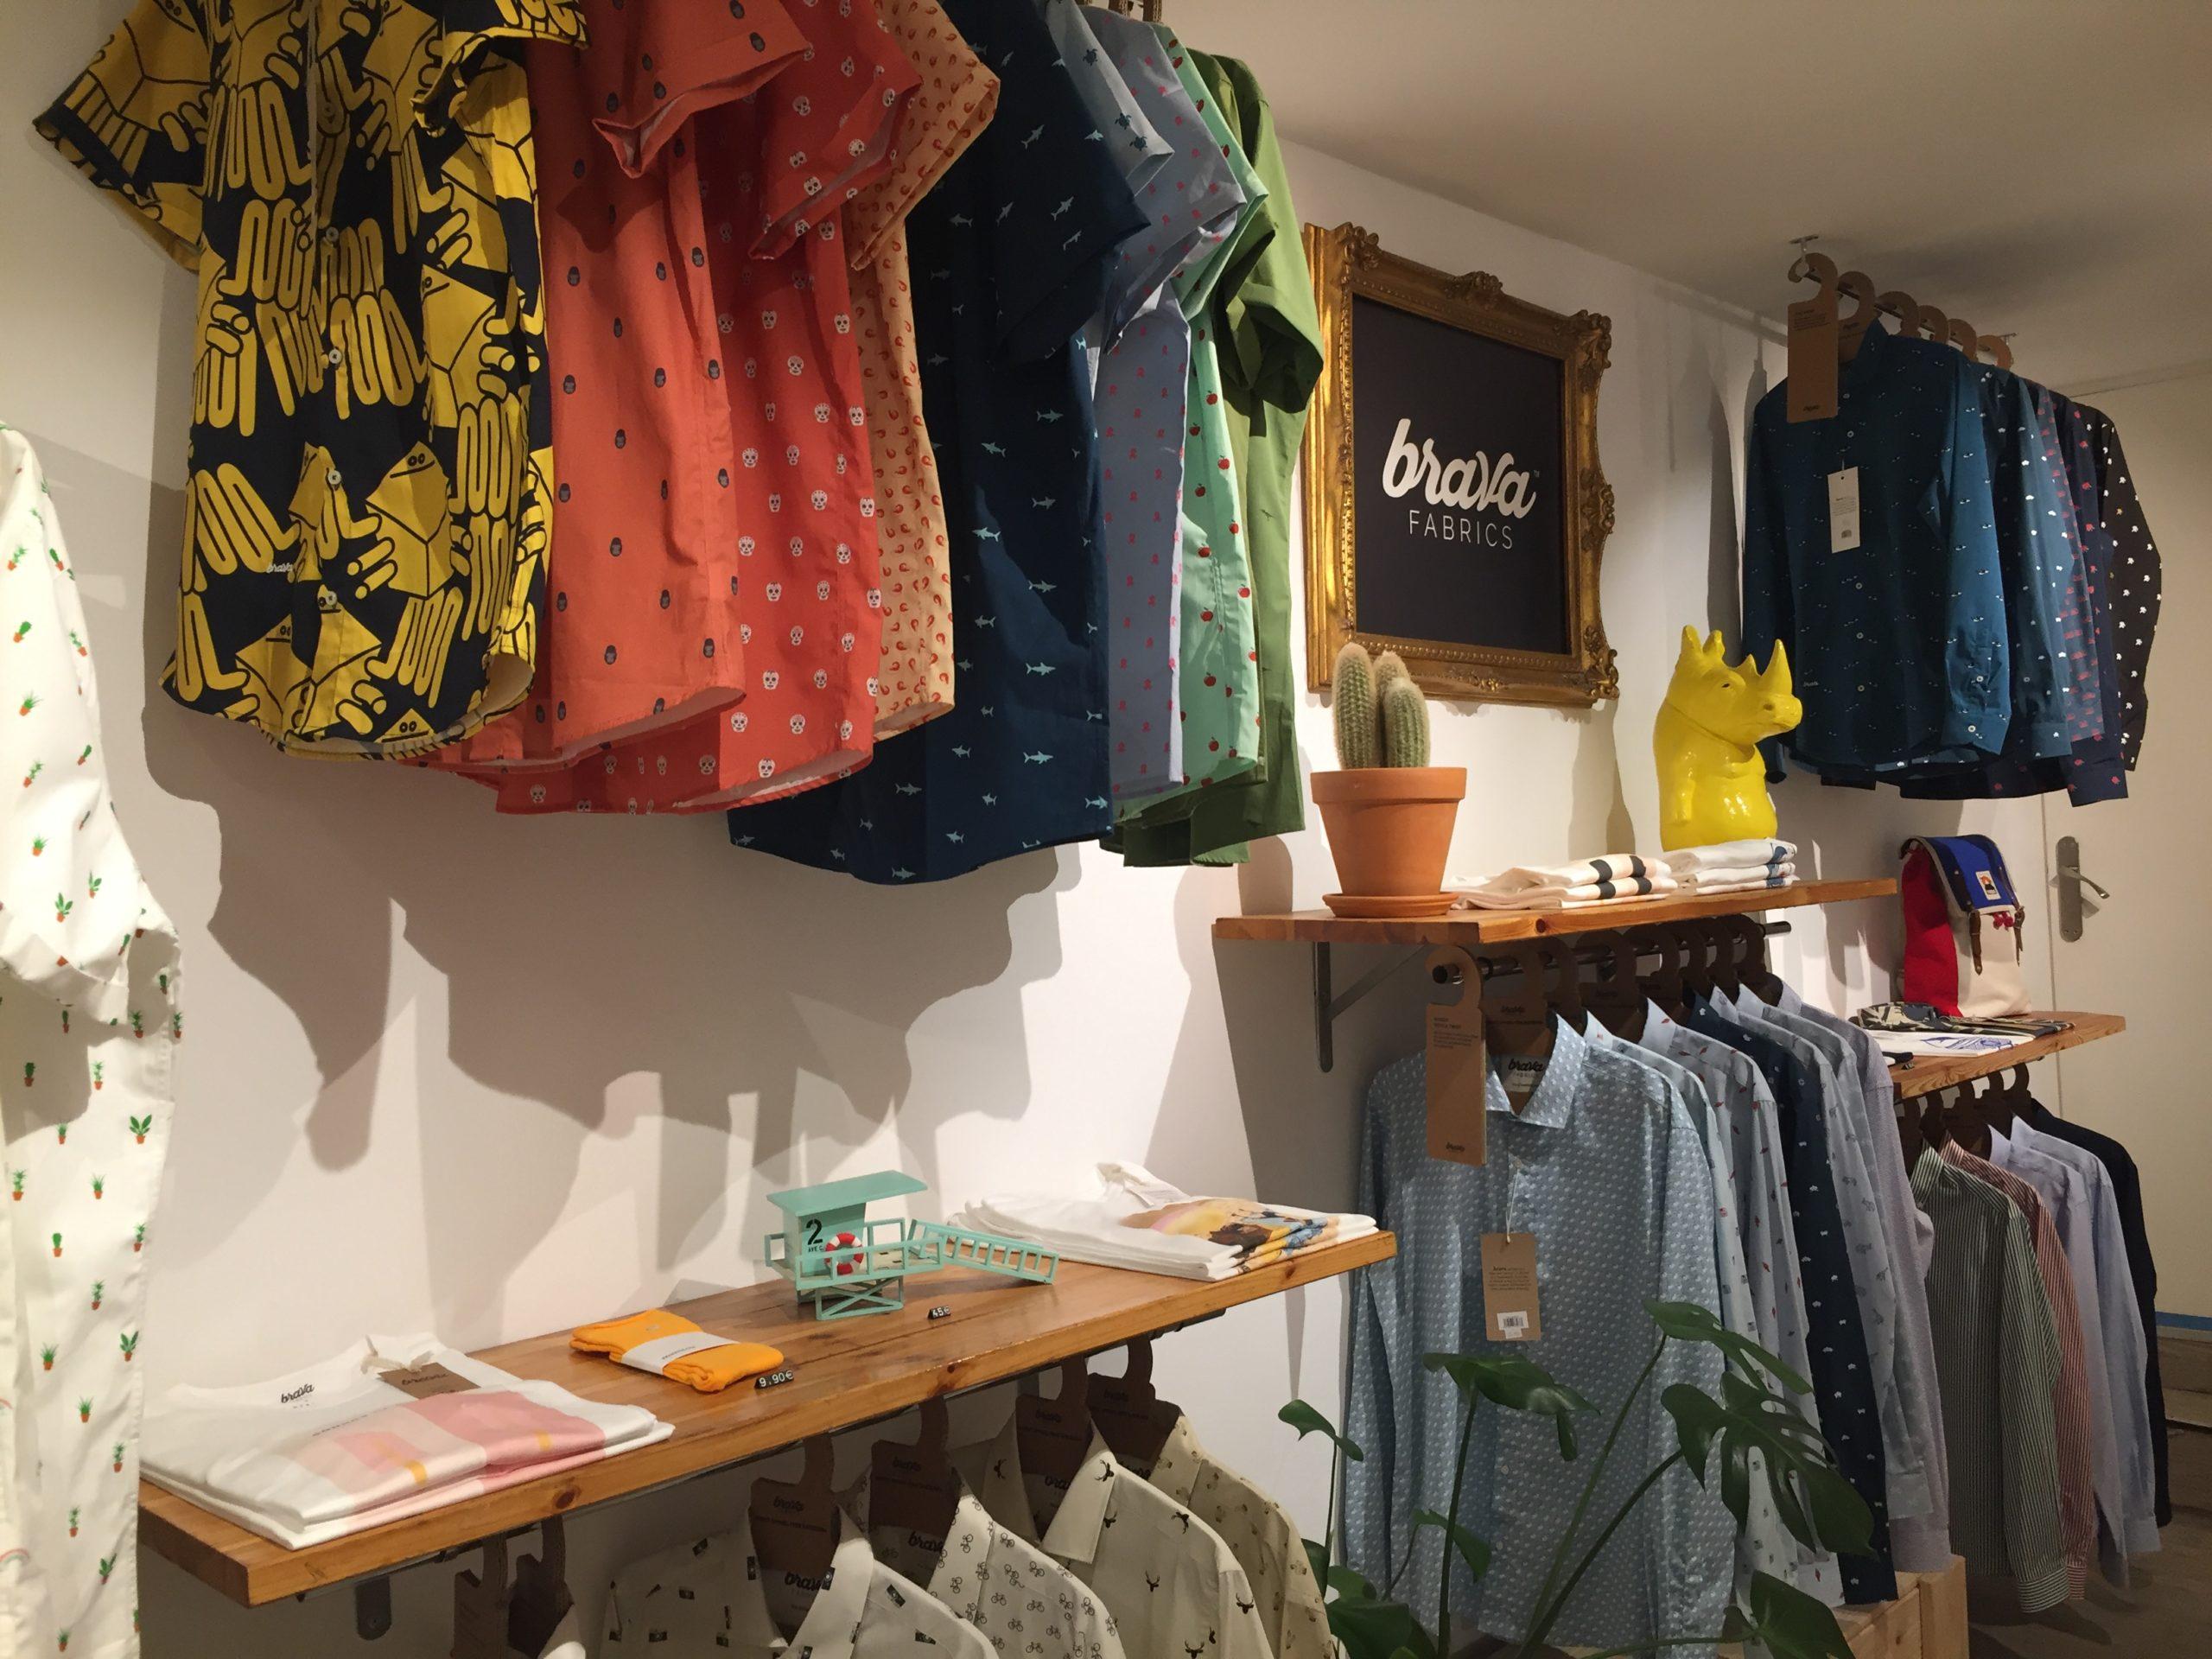 Storedesign_Brava Fabrics_Barcelona